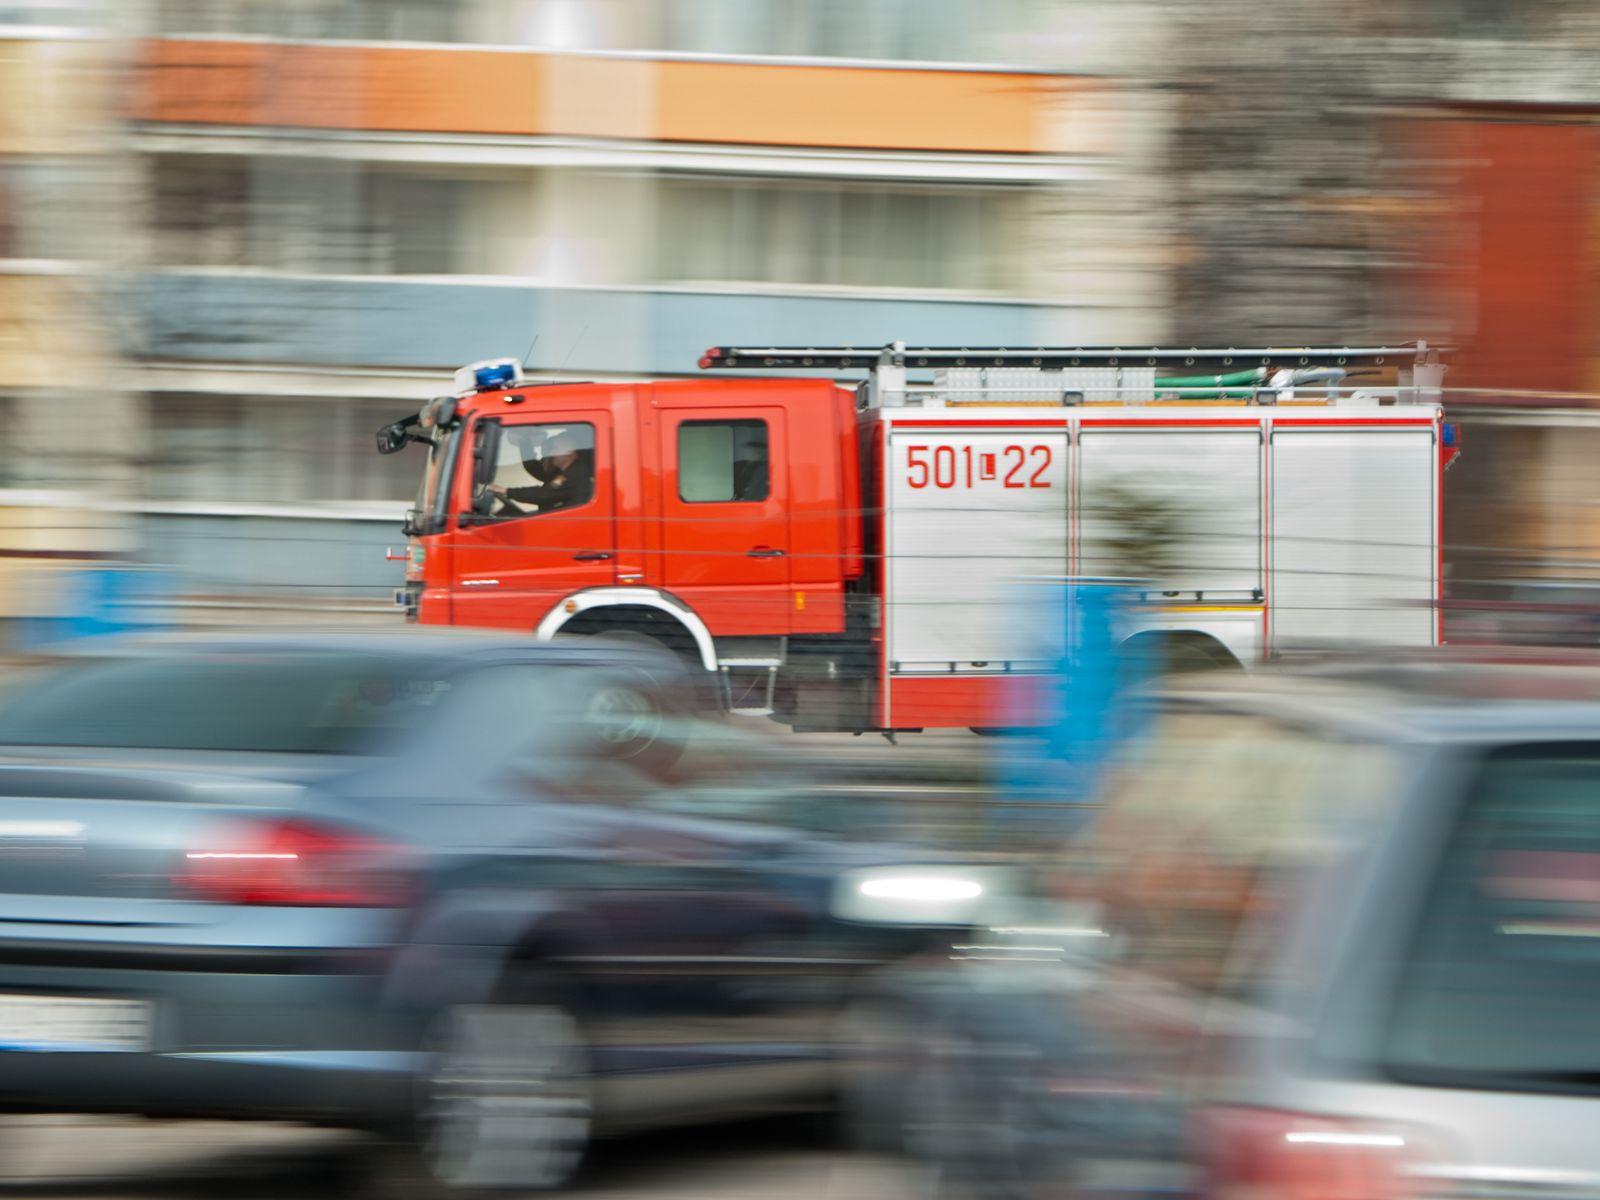 Gmina Dobrzyca. Strażacy weszli do mieszkania. W środku znaleziono zwłoki - Zdjęcie główne